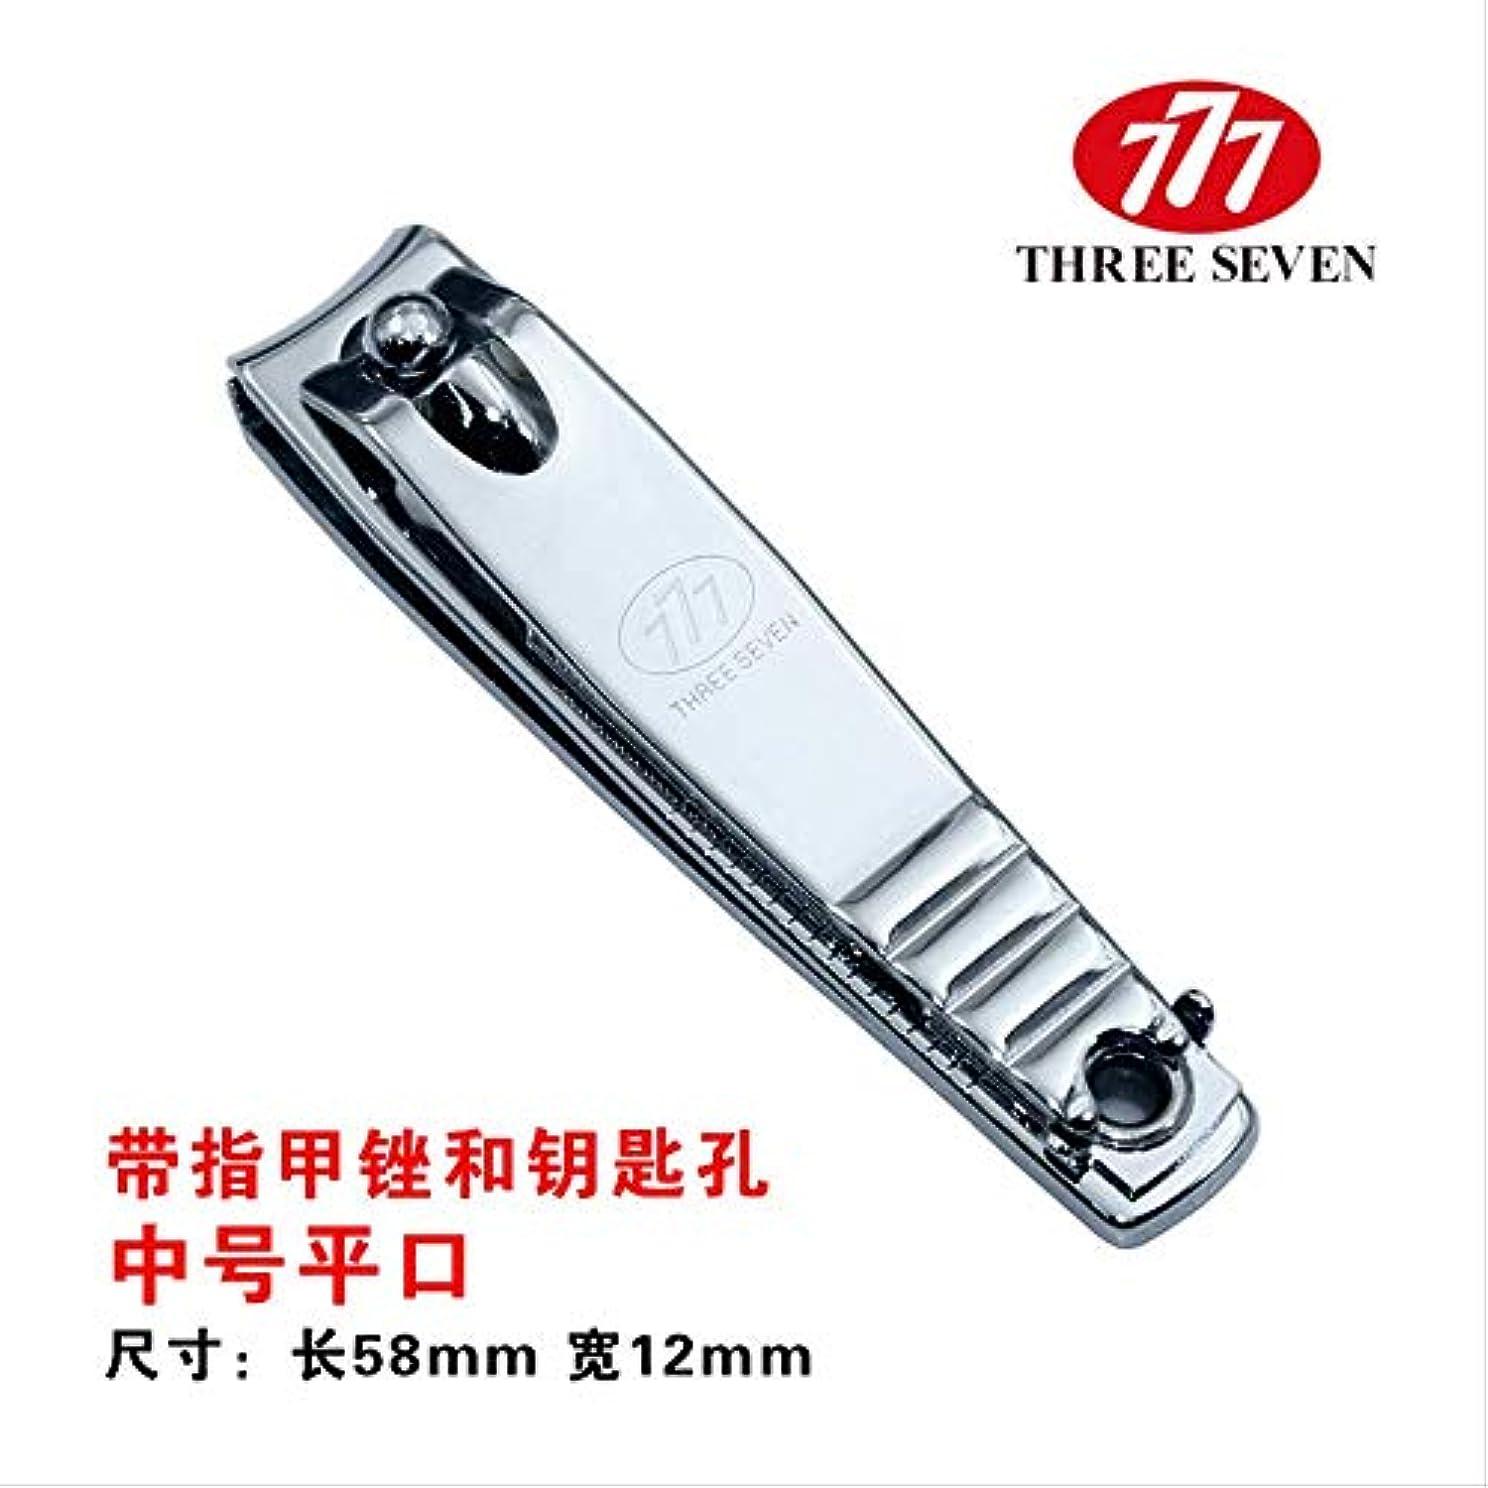 枯れる解放する抵抗力がある韓国777爪切りはさみ元平口斜め爪切り小さな爪切り大本物 N-607